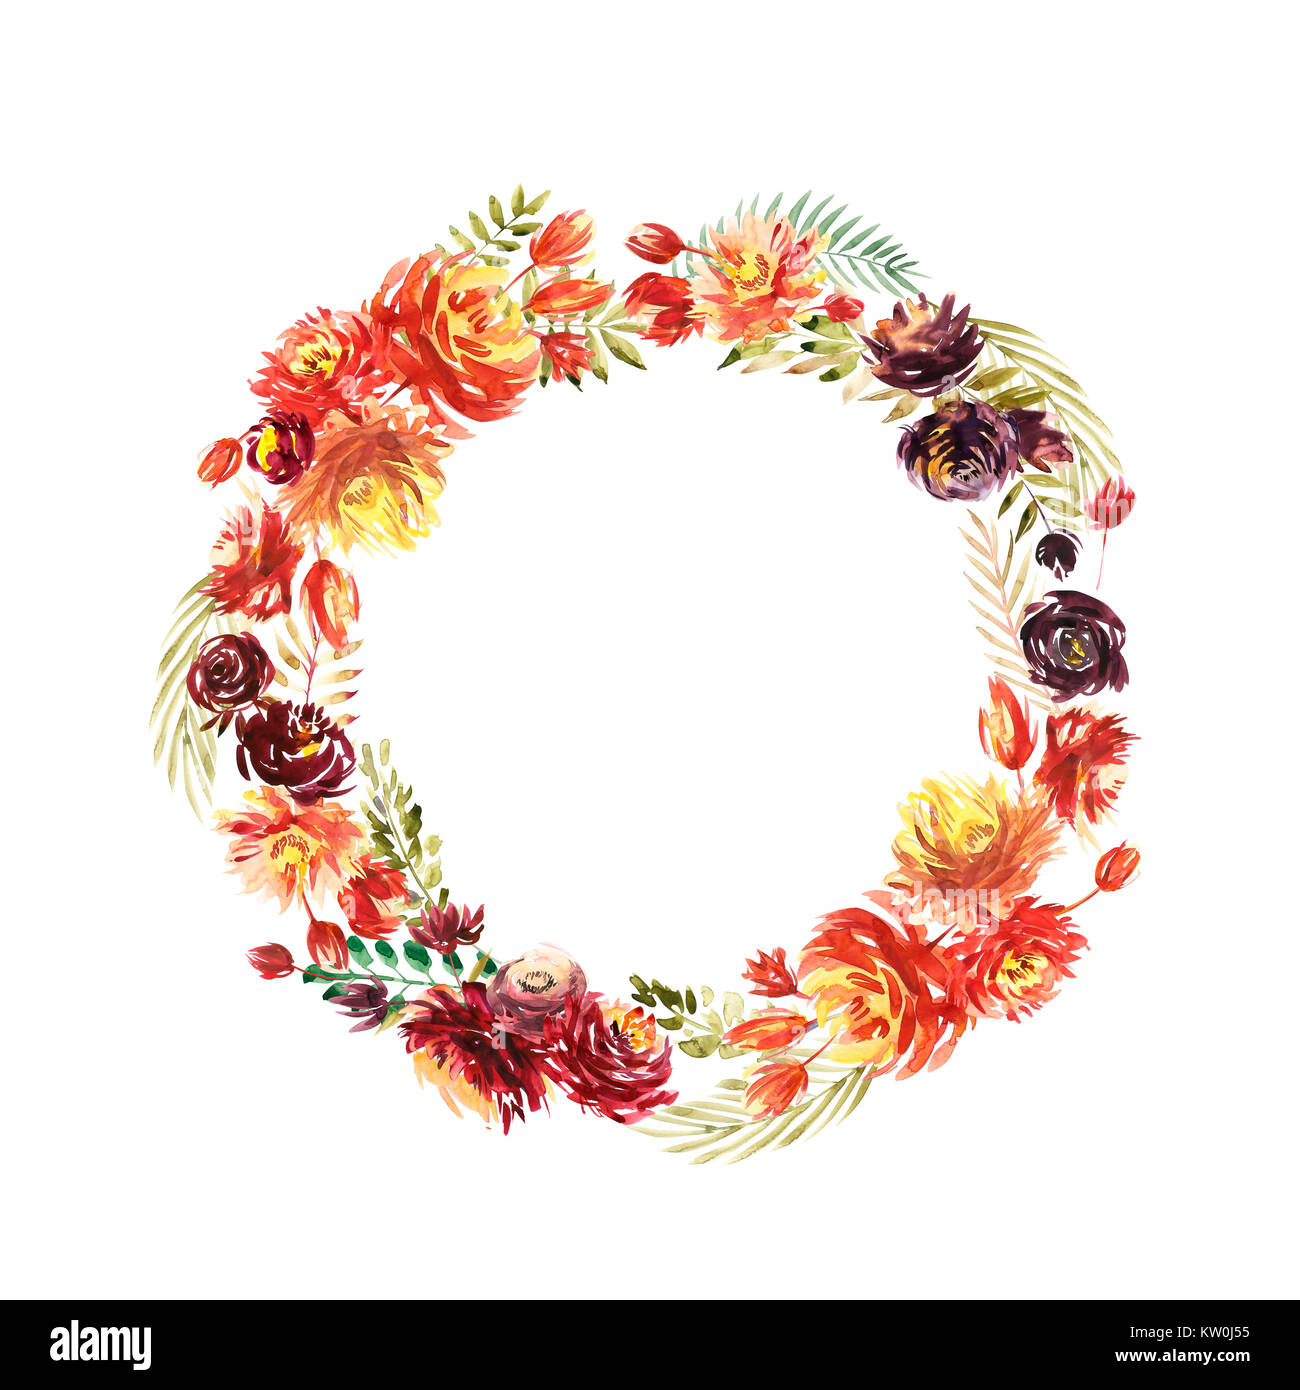 Vintage Karte, Aquarell Einladung Hochzeit Design Mit Rote Pfingstrose,  Verlässt. Blume Hintergrund Mit Floralen Elementen Für Text, Aquarell  Hintergrund.